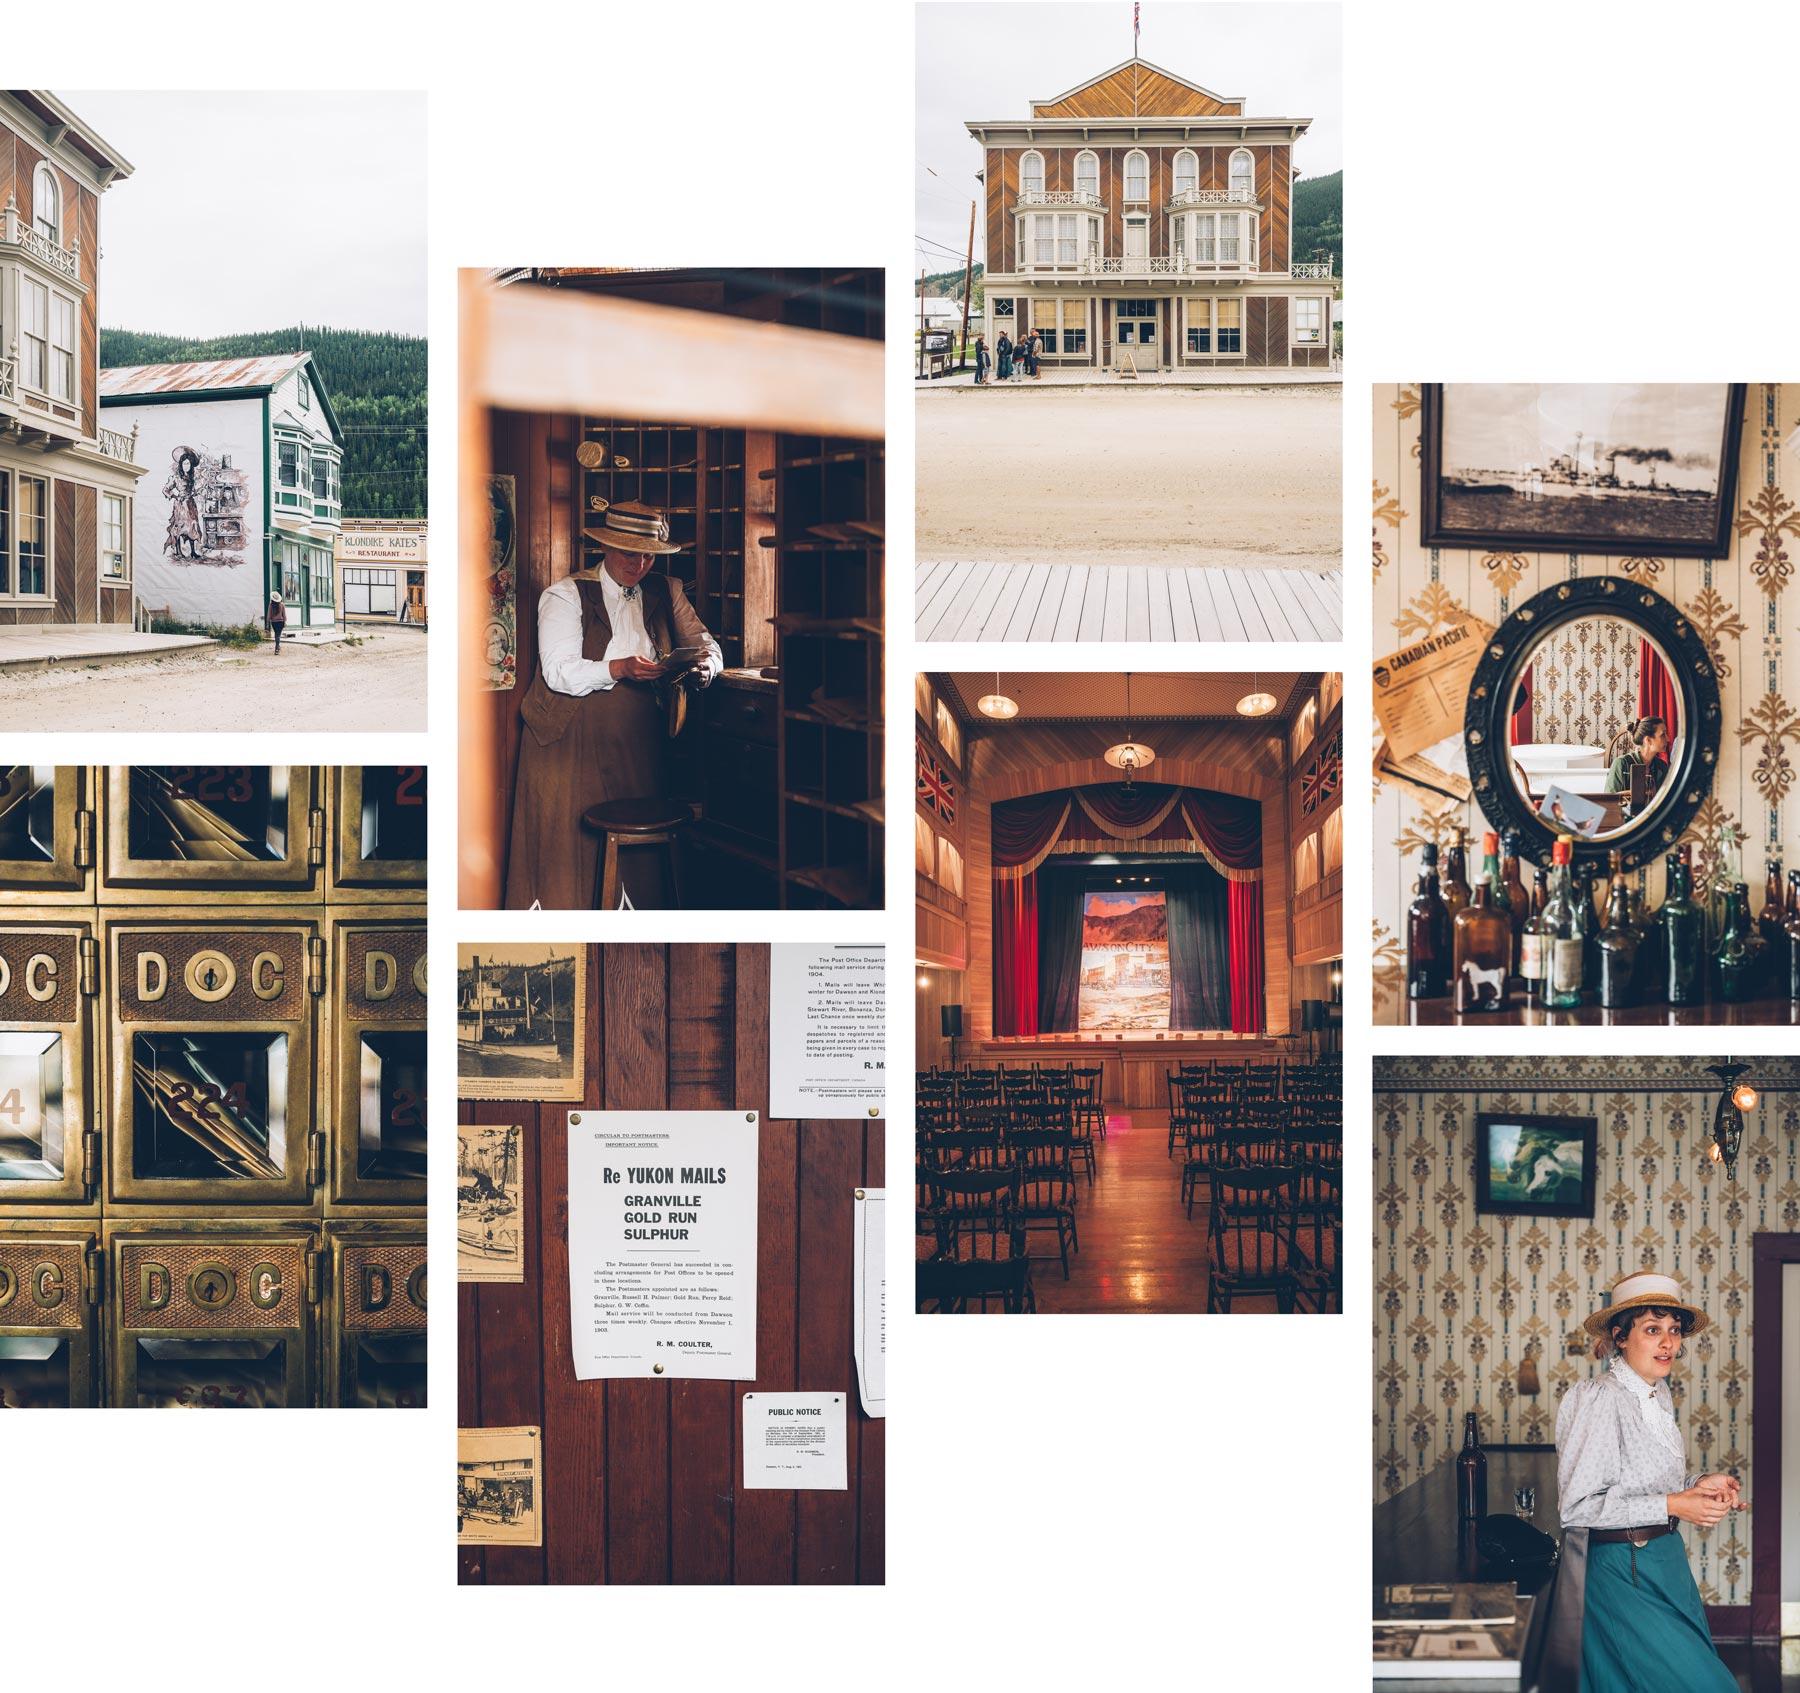 Visite Dawson City en français